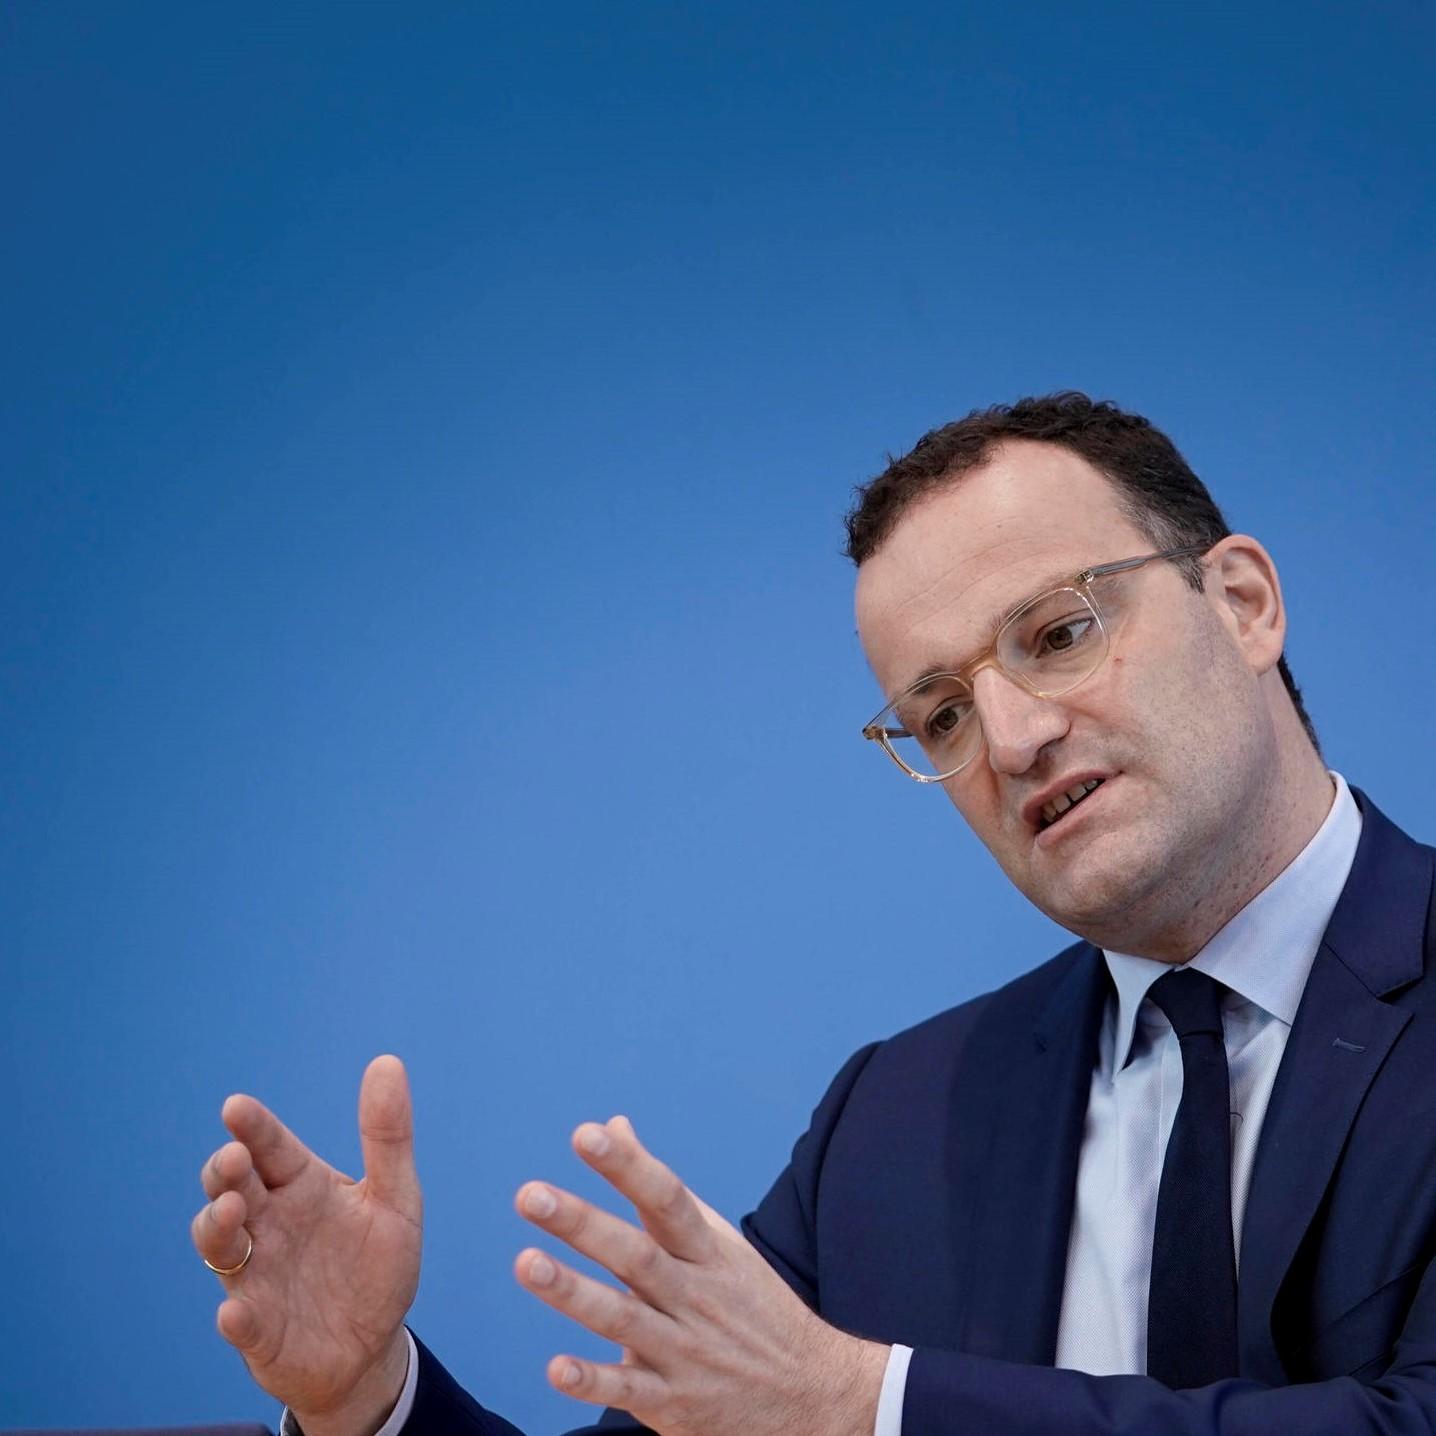 Gesundheitsminister Jens Spahn - So viele Impfungen fehlen für einen sicheren Winter